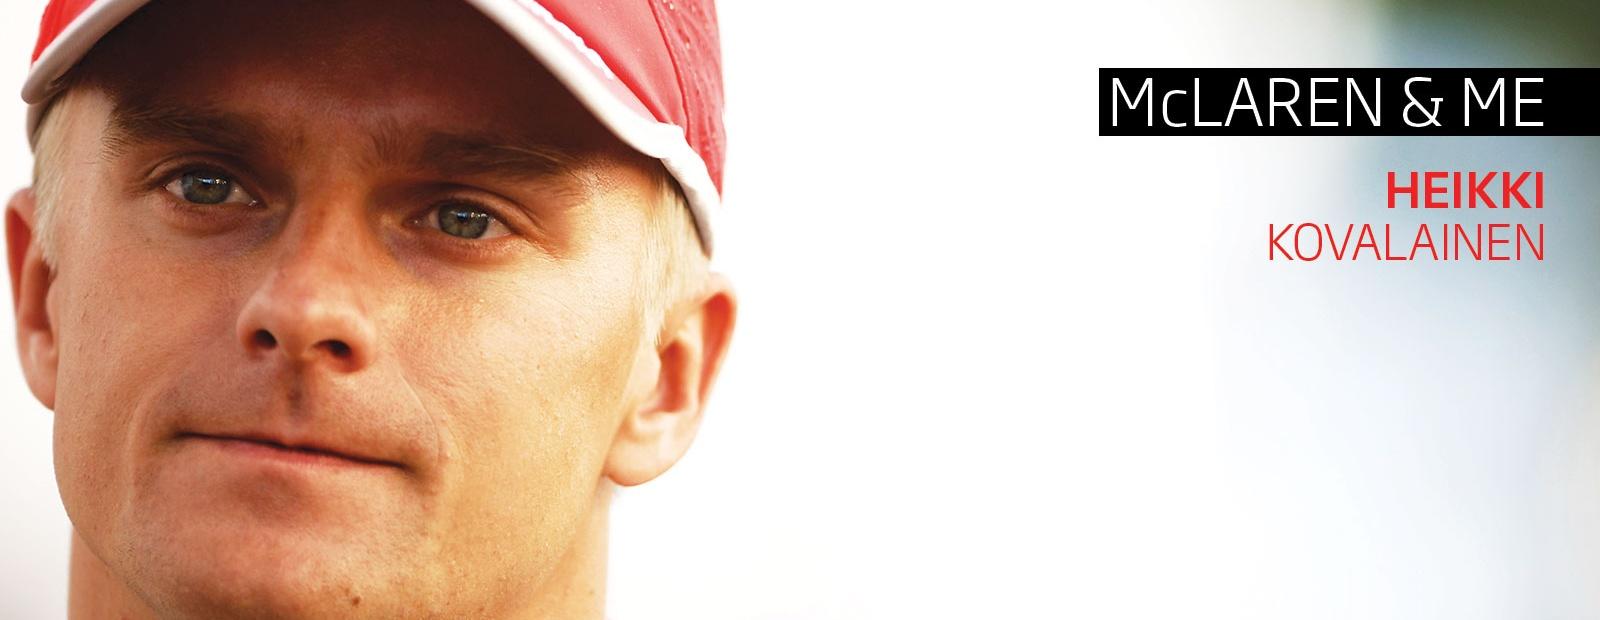 McLaren & Me: Heikki Kovalainen